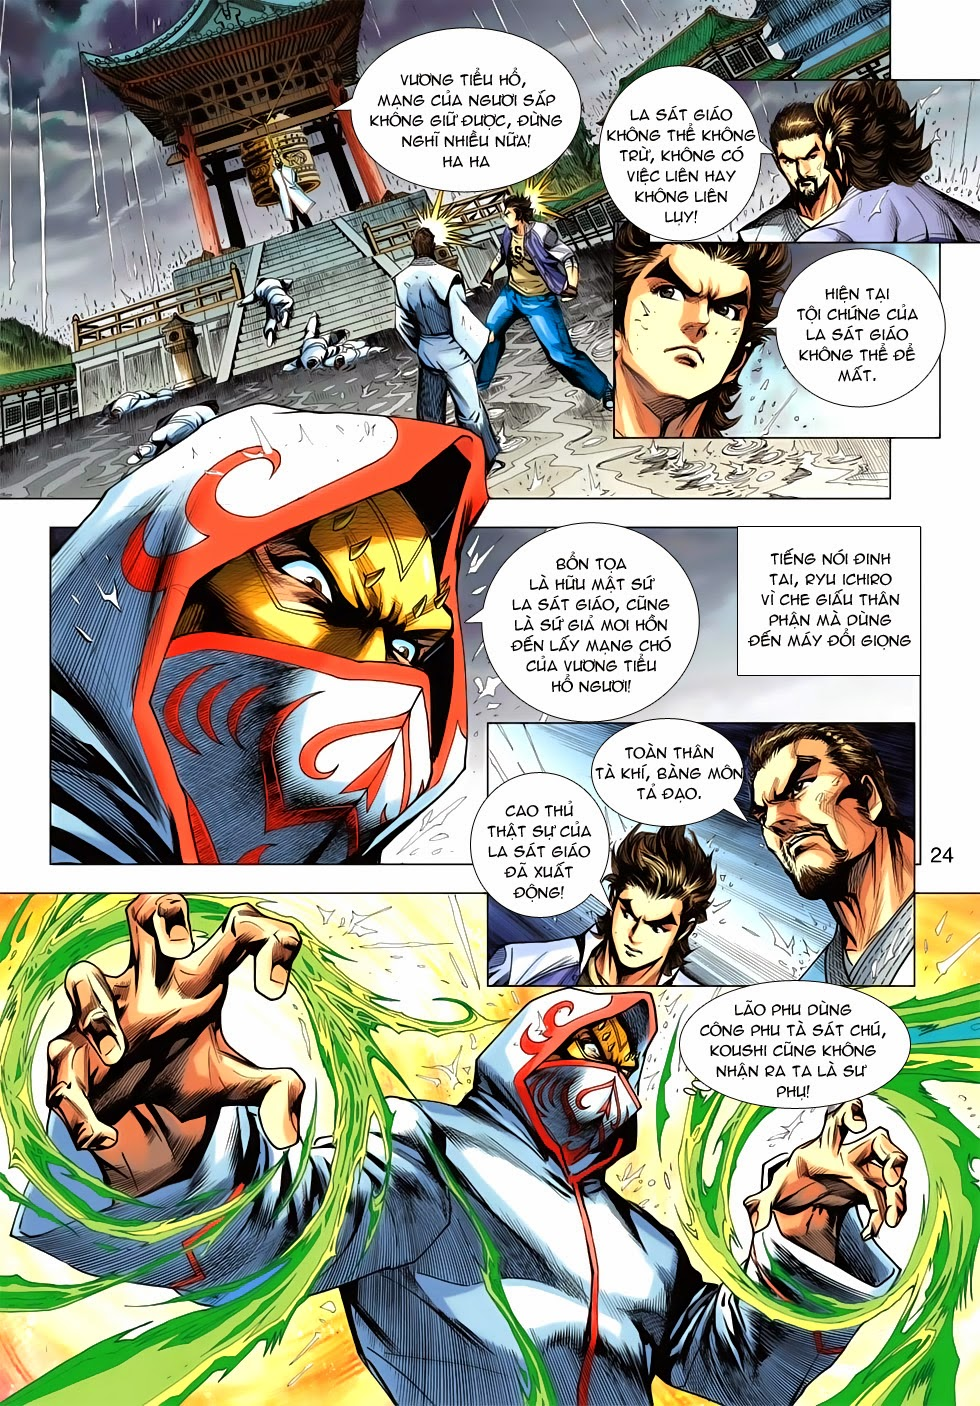 Tân Tác Long Hổ Môn trang 24